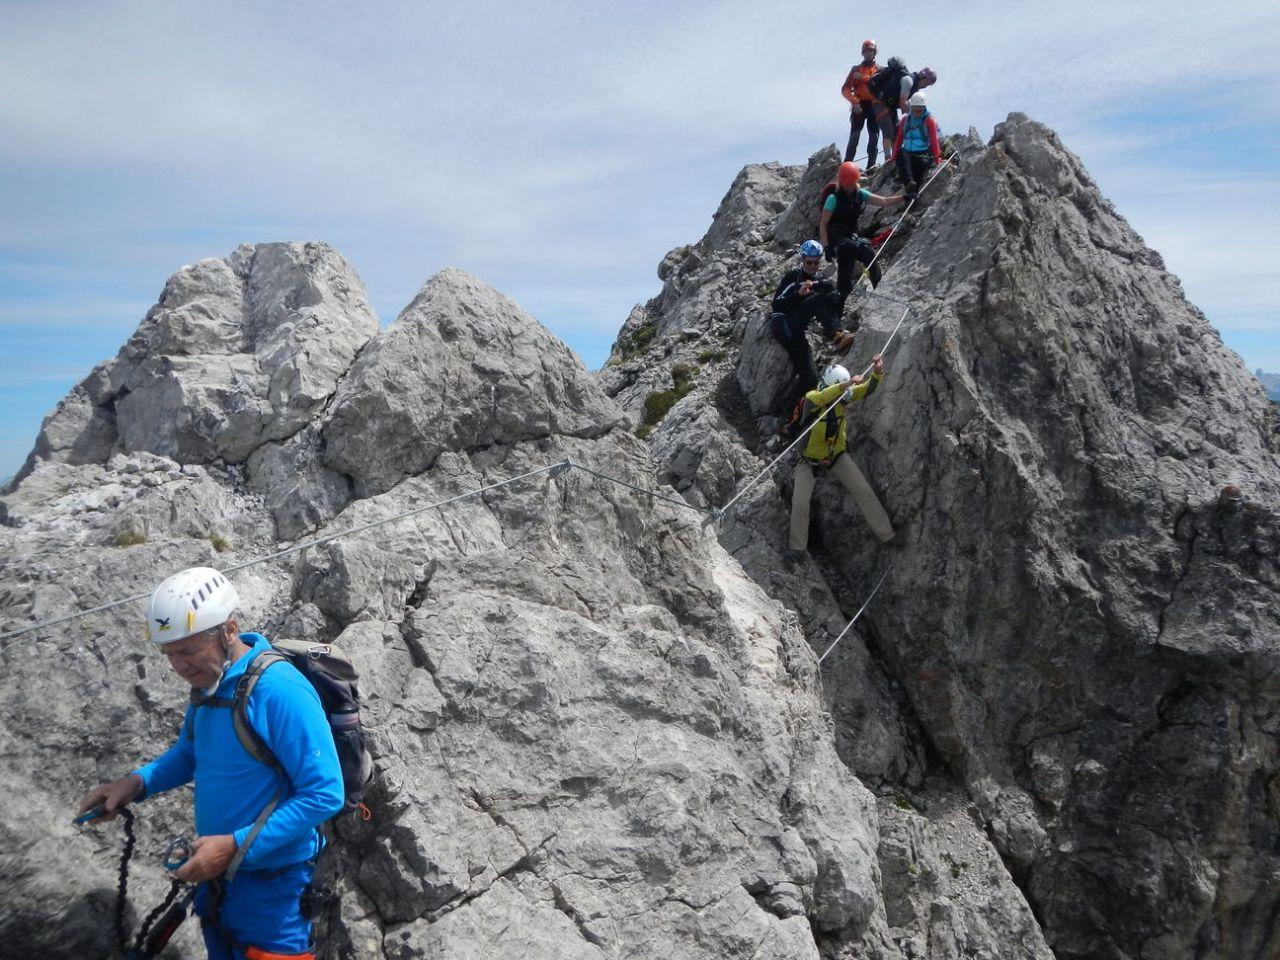 Klettersteig Kleinwalsertal : Klettersteig karhorn und wanderung warther horn alpenverein